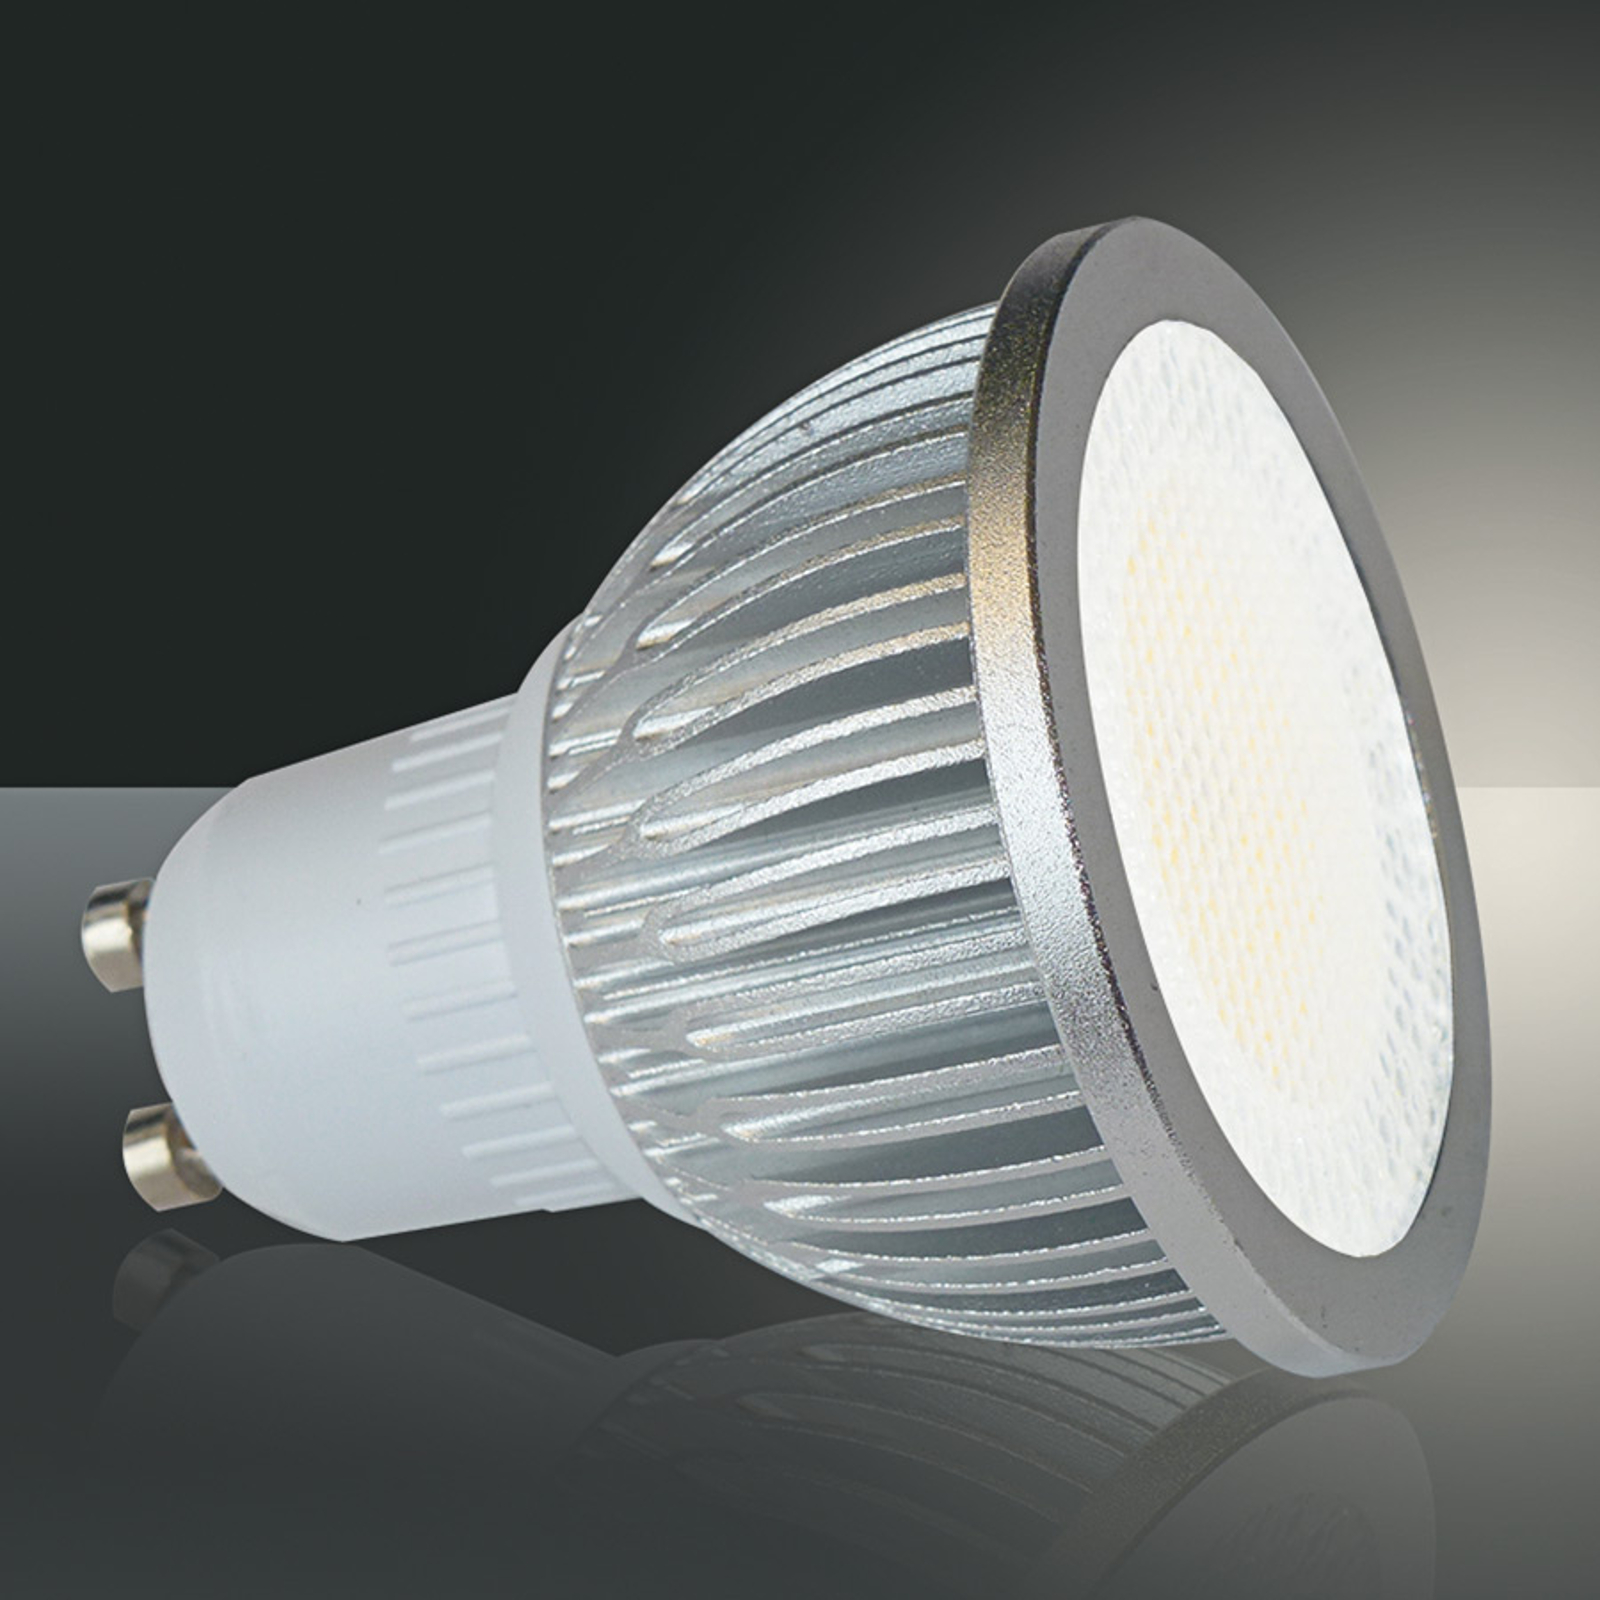 Żarówka reflektorowa LED GU10 5W 829, 90°